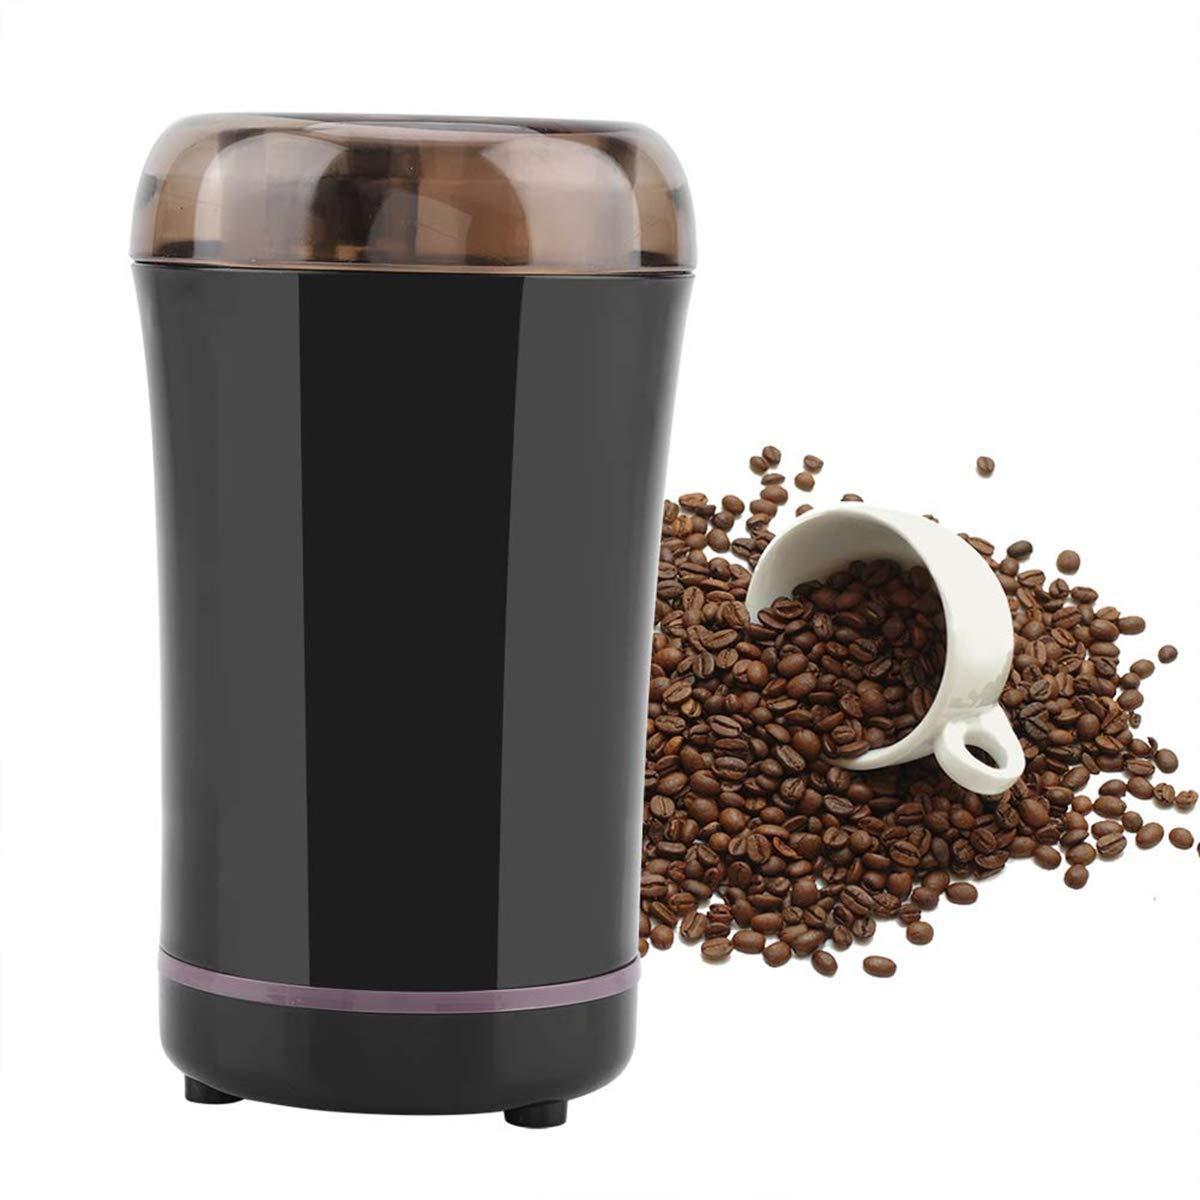 NWOUIIAY Machine /à Caf/é Moulin Moulin /à caf/é Semences de Caf/é Noix Poivre /Épices avec Lames en Acier Inoxydable